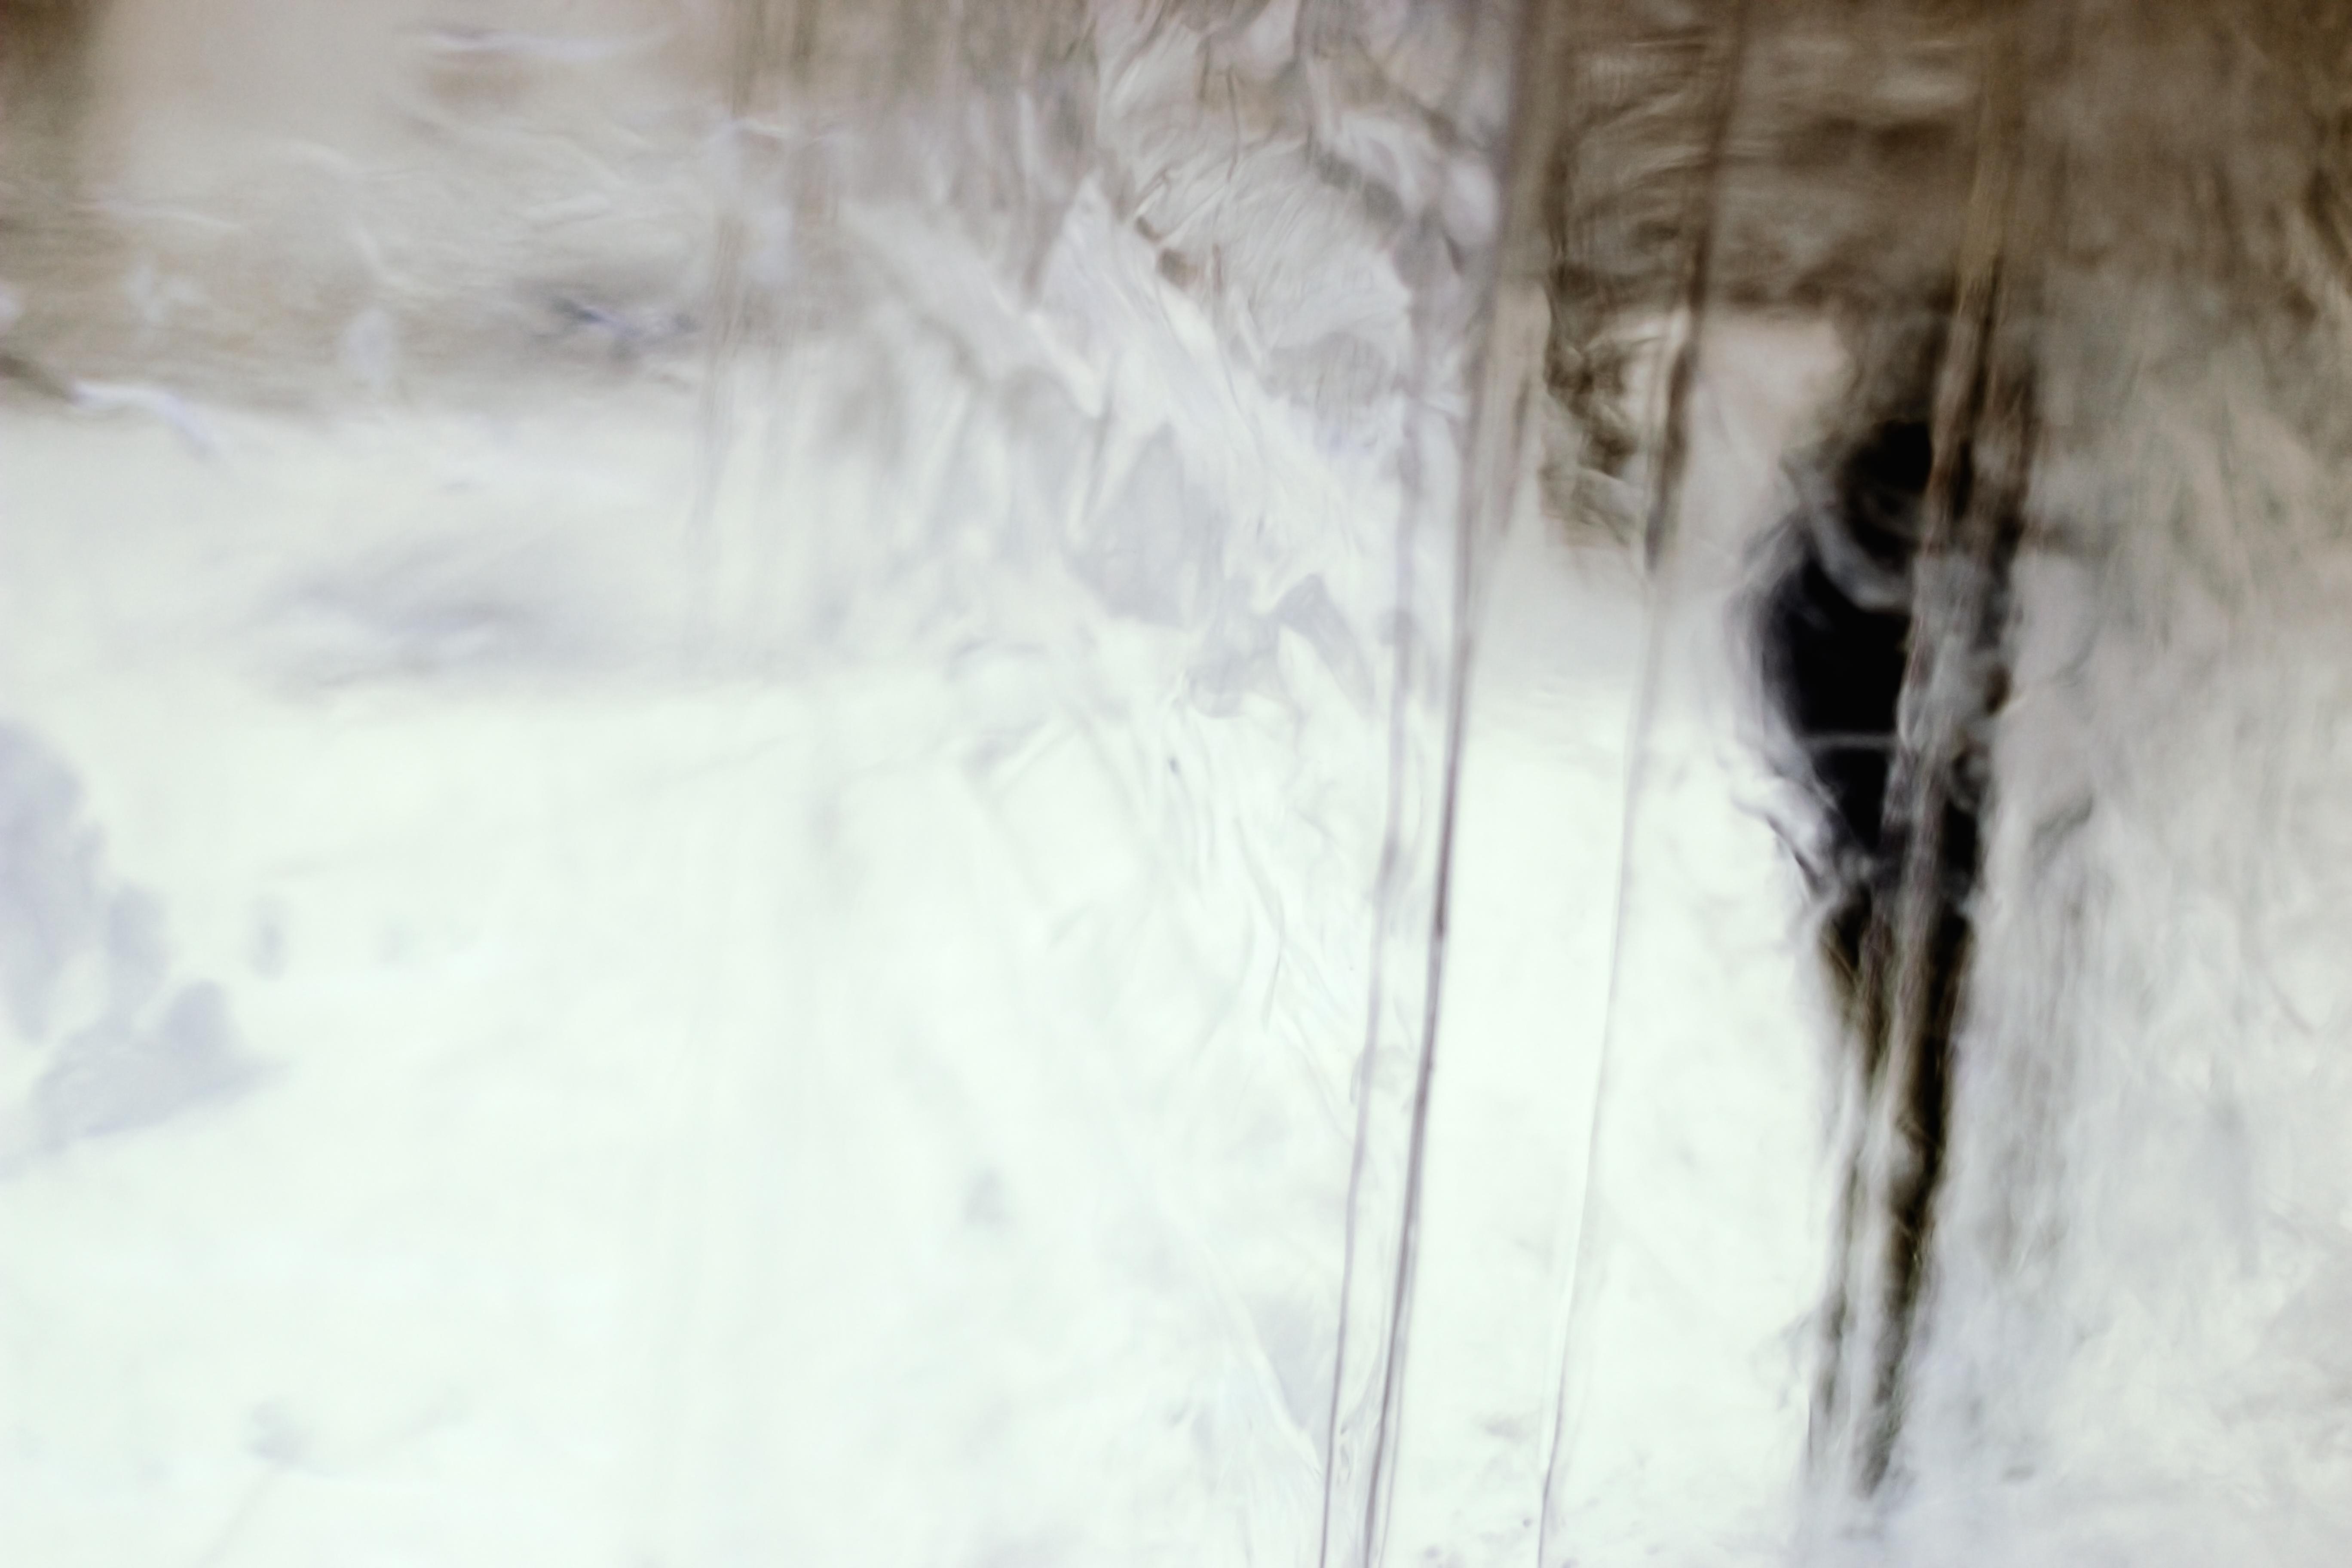 Minimalist Grindenwald wintershot inside